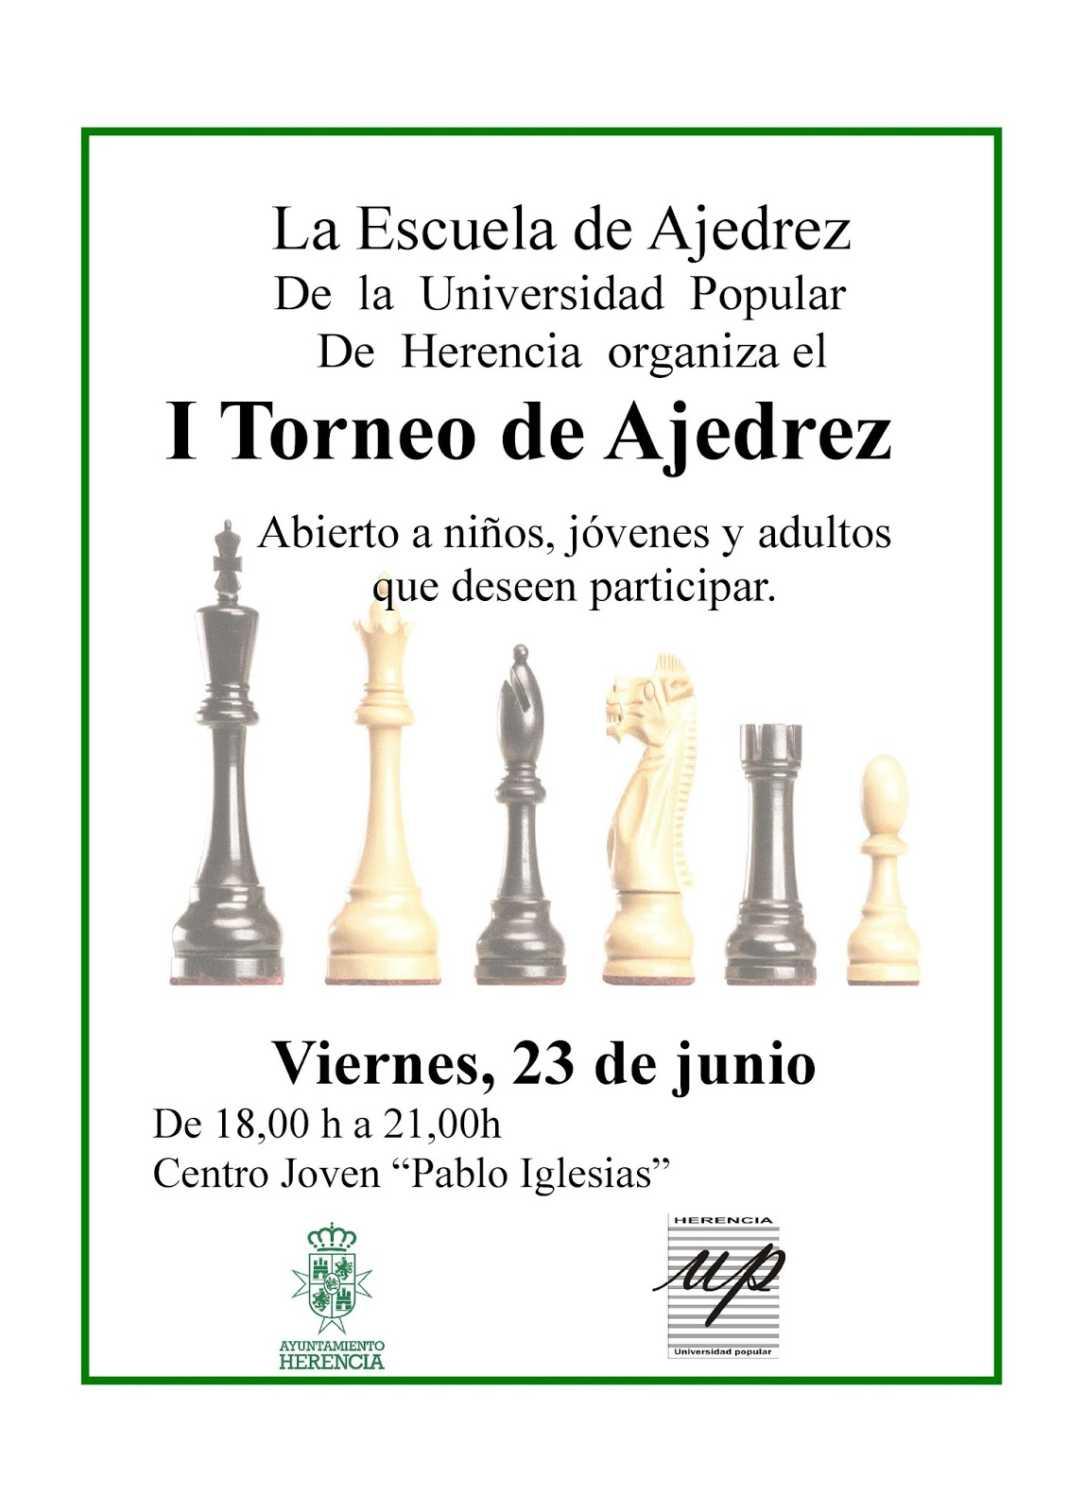 I Torneo de la Escuela de Ajedrez de la Universidad Popular en Herencia 4